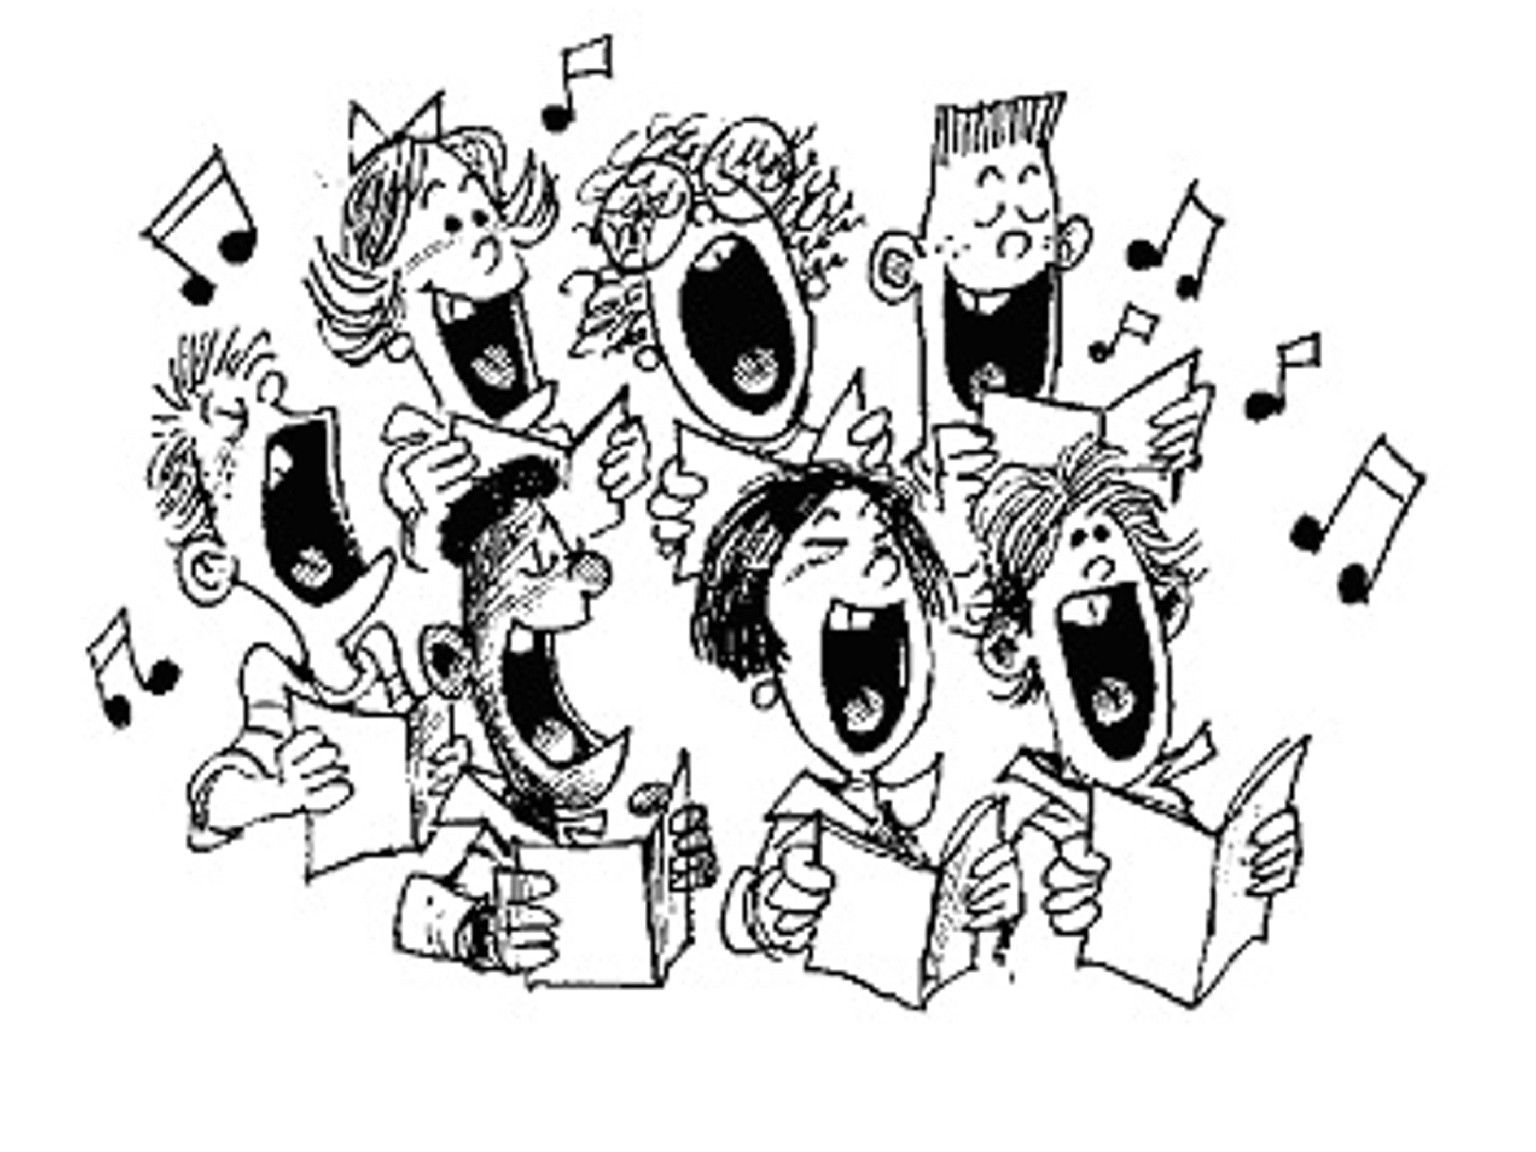 church choir clipart church choir singing clip art church choir rh pinterest com choir clip art free choir clipart black and white